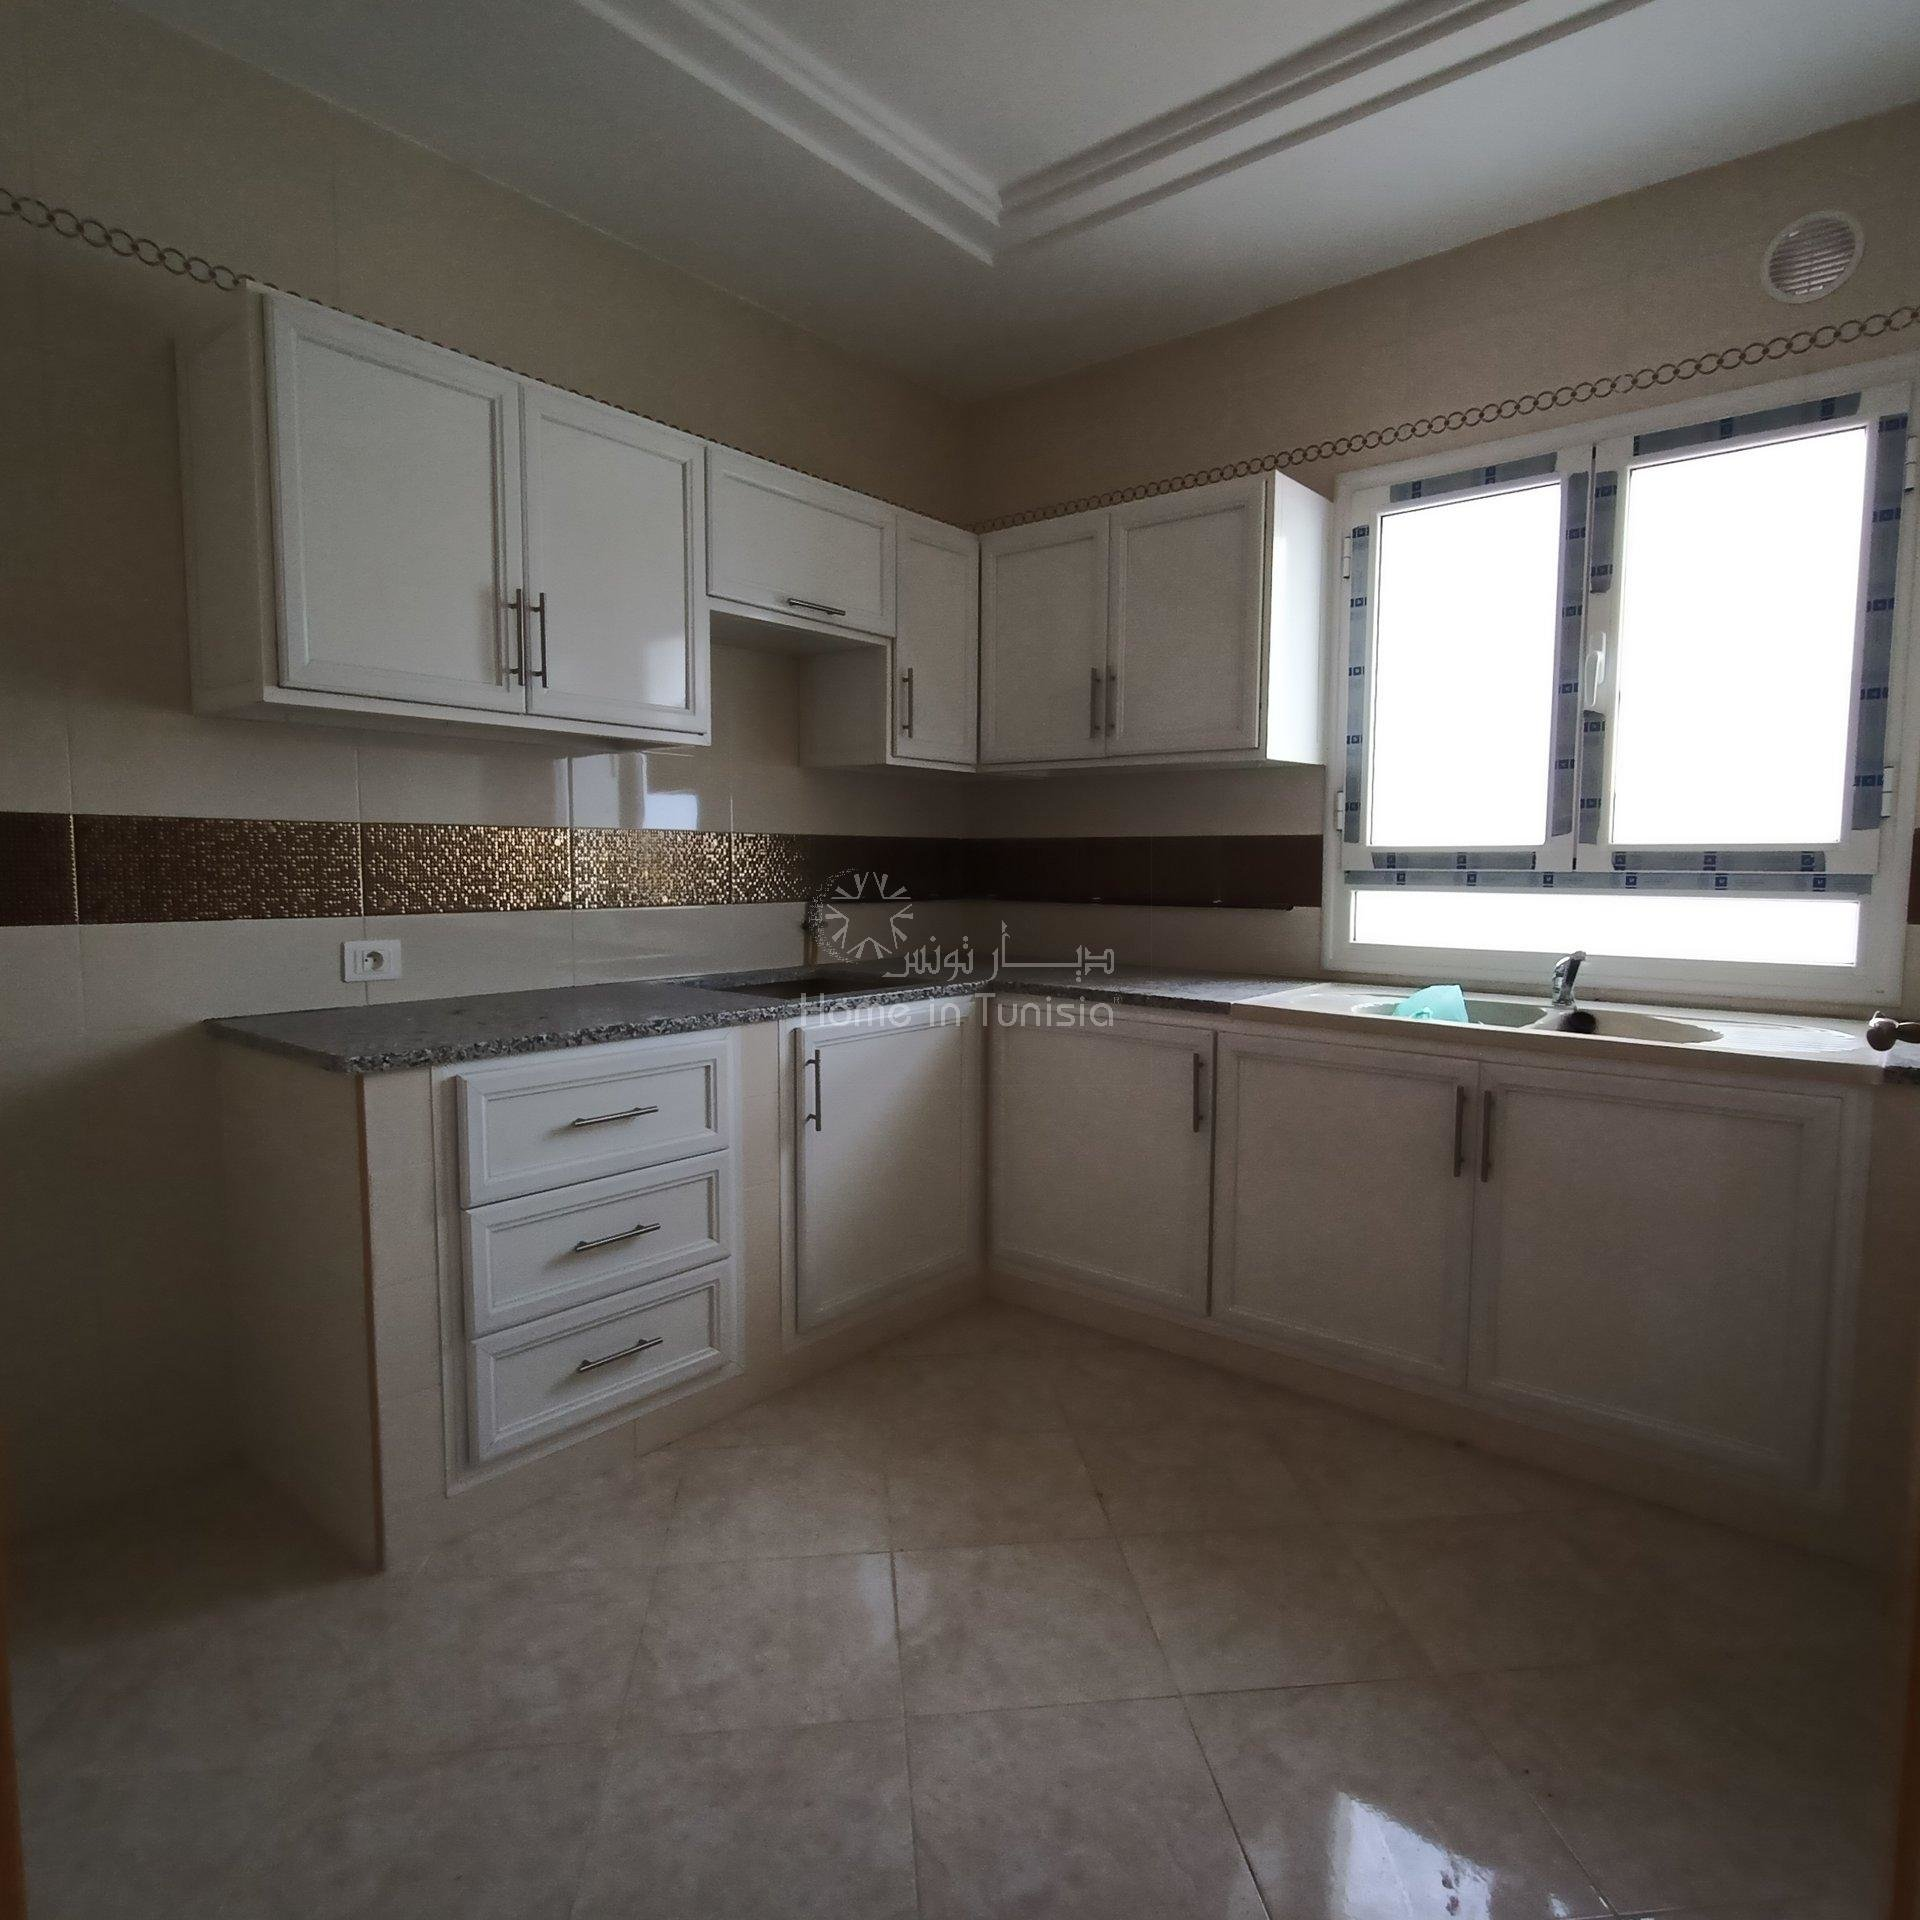 Location appartement à Kantaoui